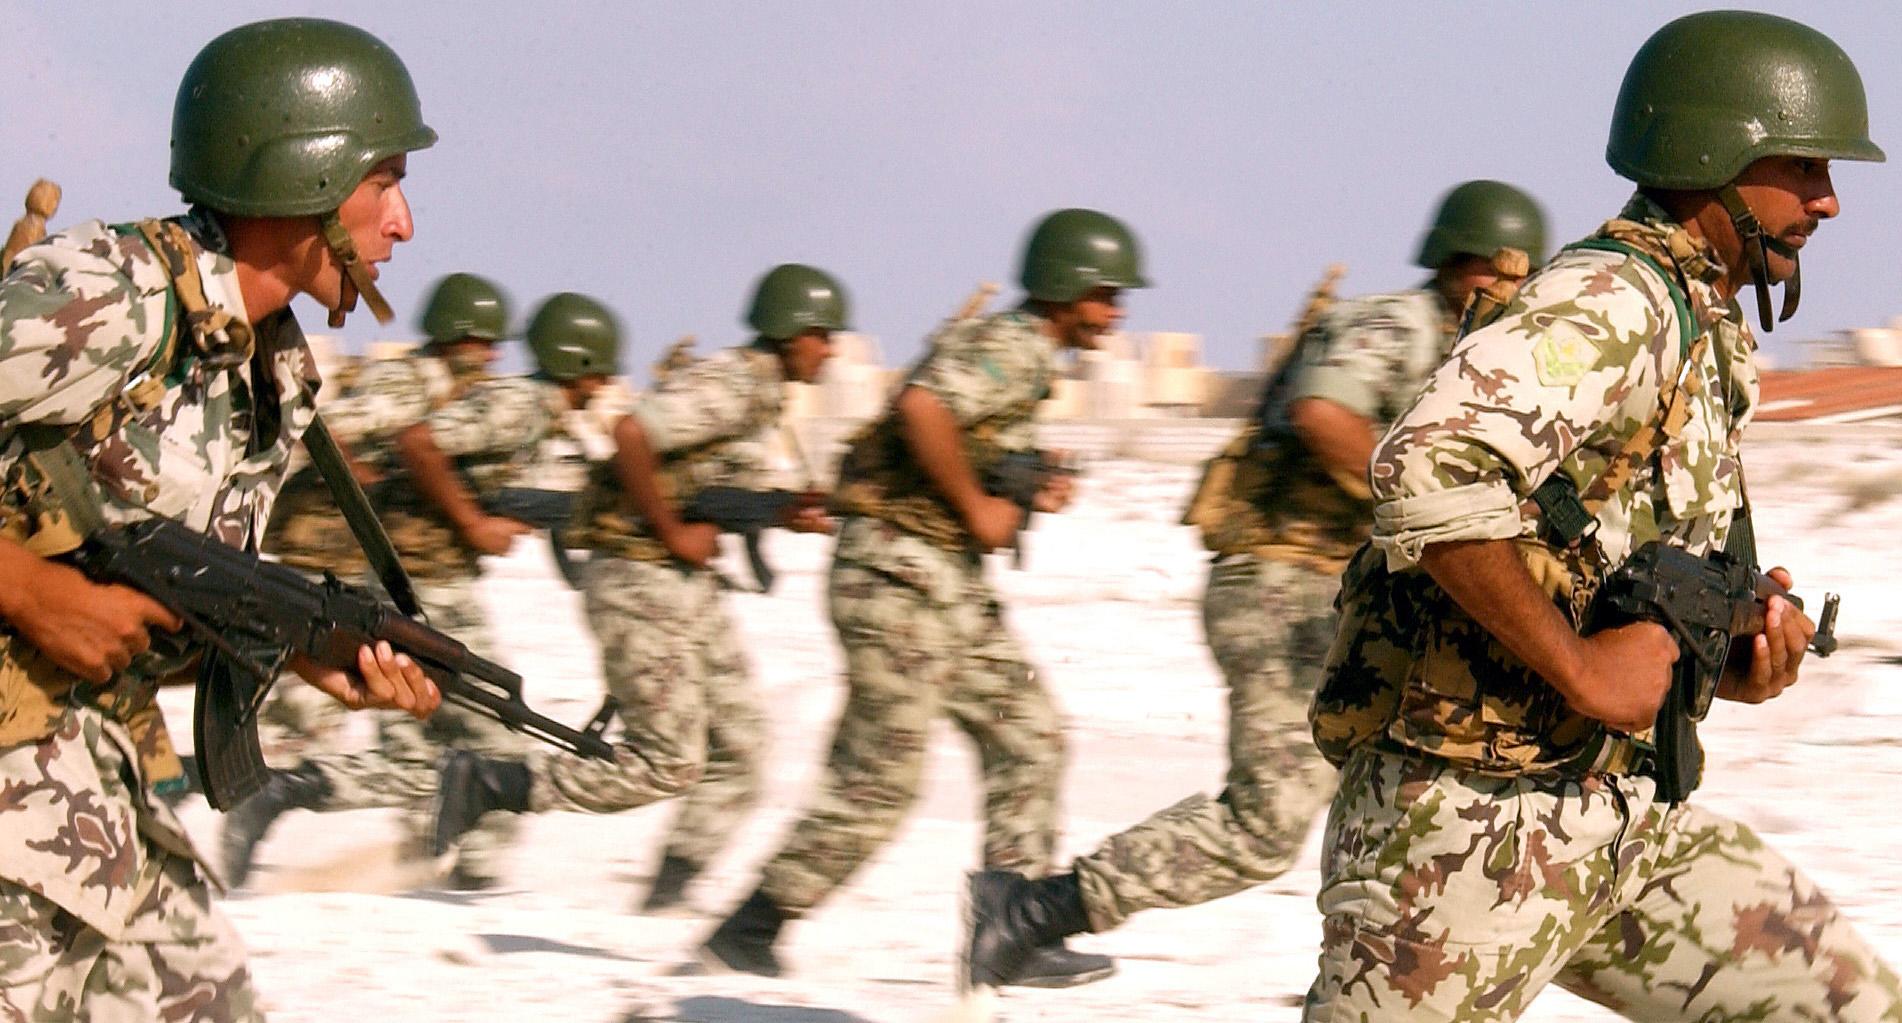 عدد الجيش المصري عدد الجيش المصري